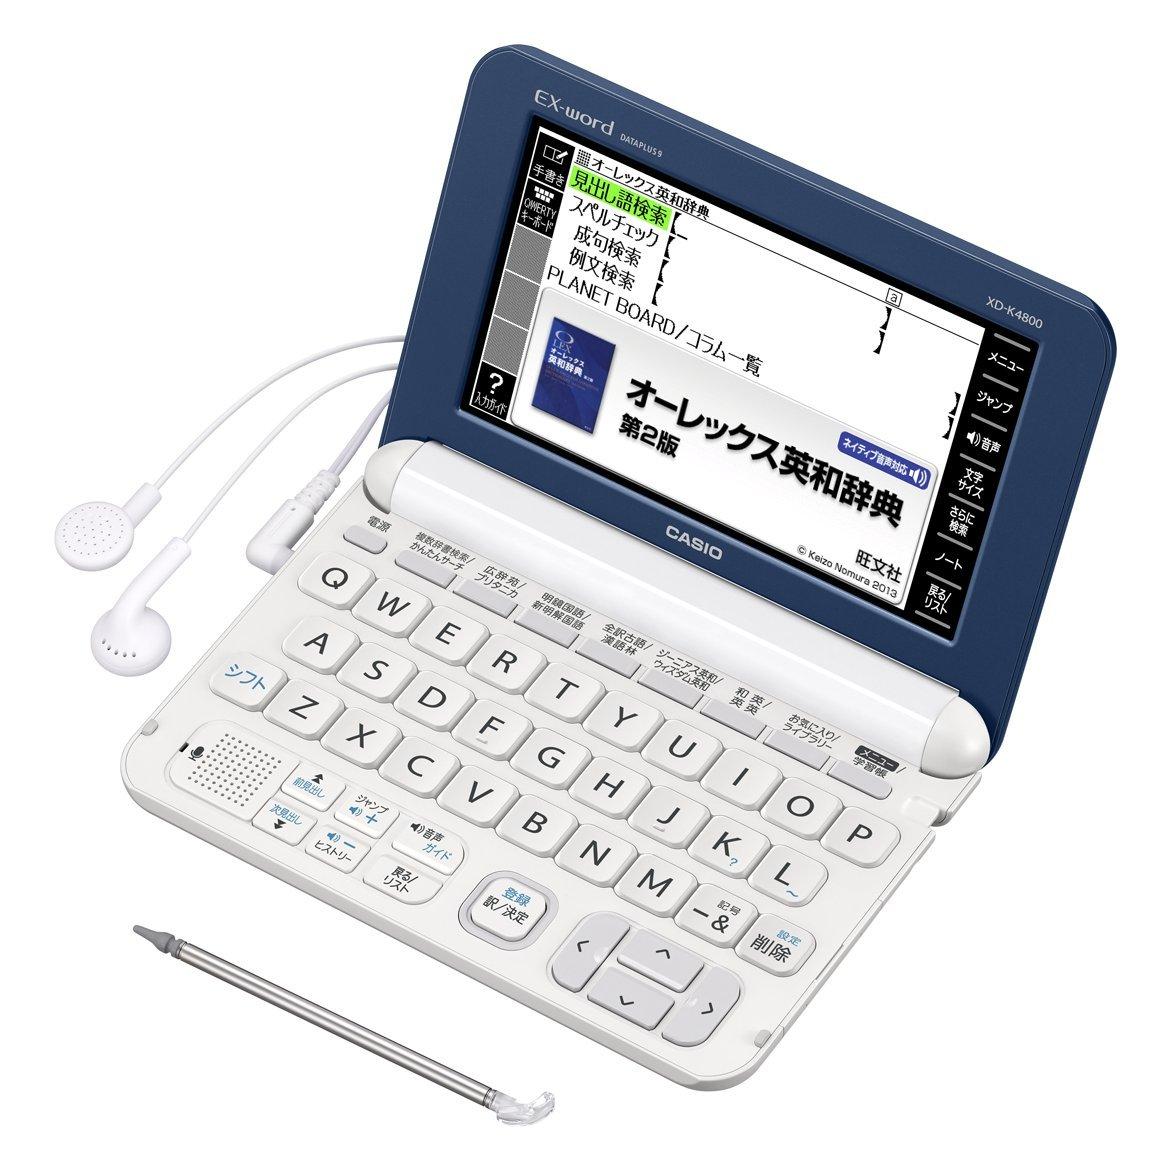 カシオ 電子辞書 エクスワード 高校生モデル XD-K4800BW ブルー/ホワイト B01CG4CNY8  ブルー/ホワイト